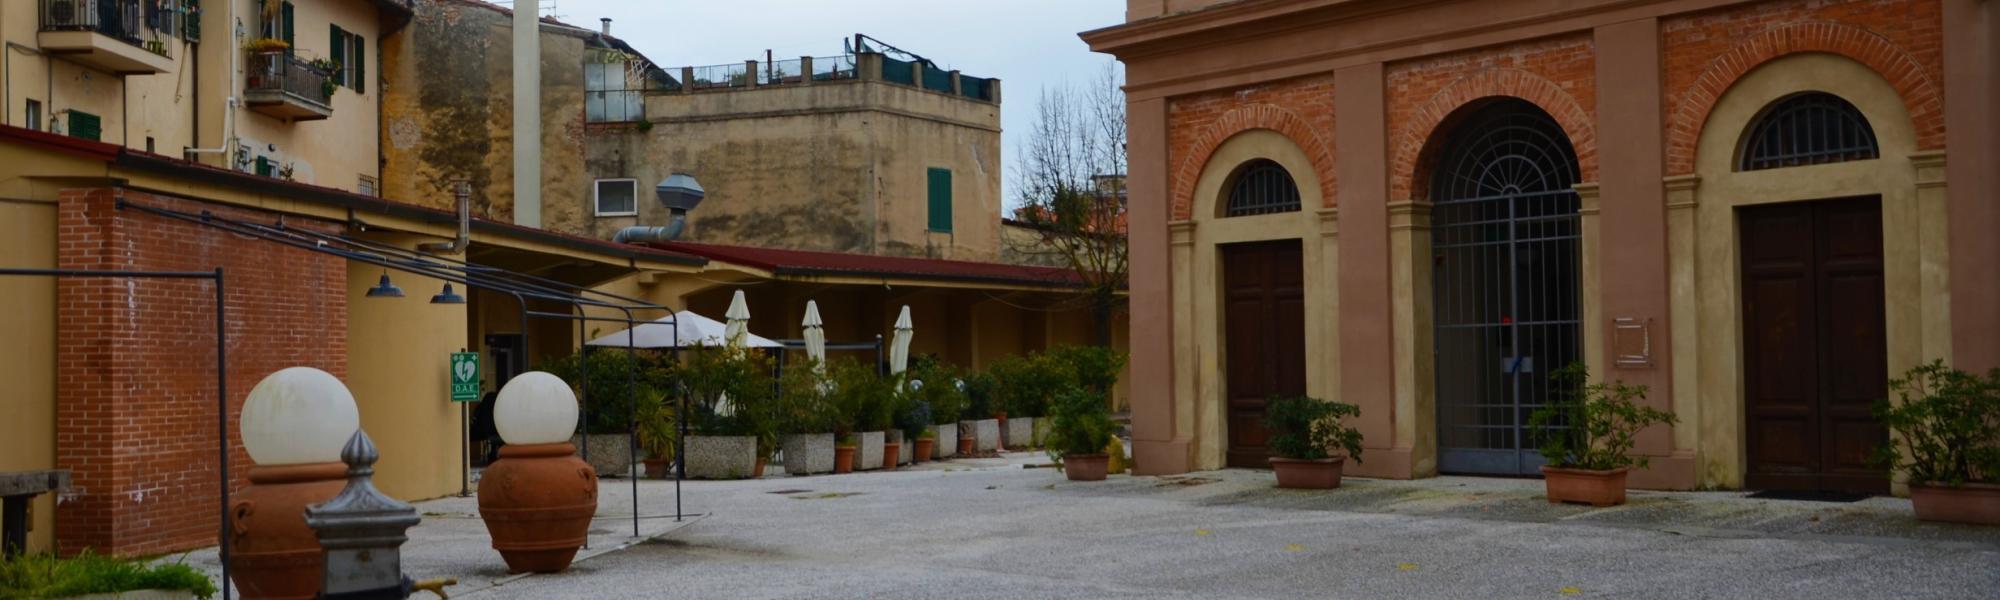 Stazione Leopolda (L. Corevi, Comune di Pisa)